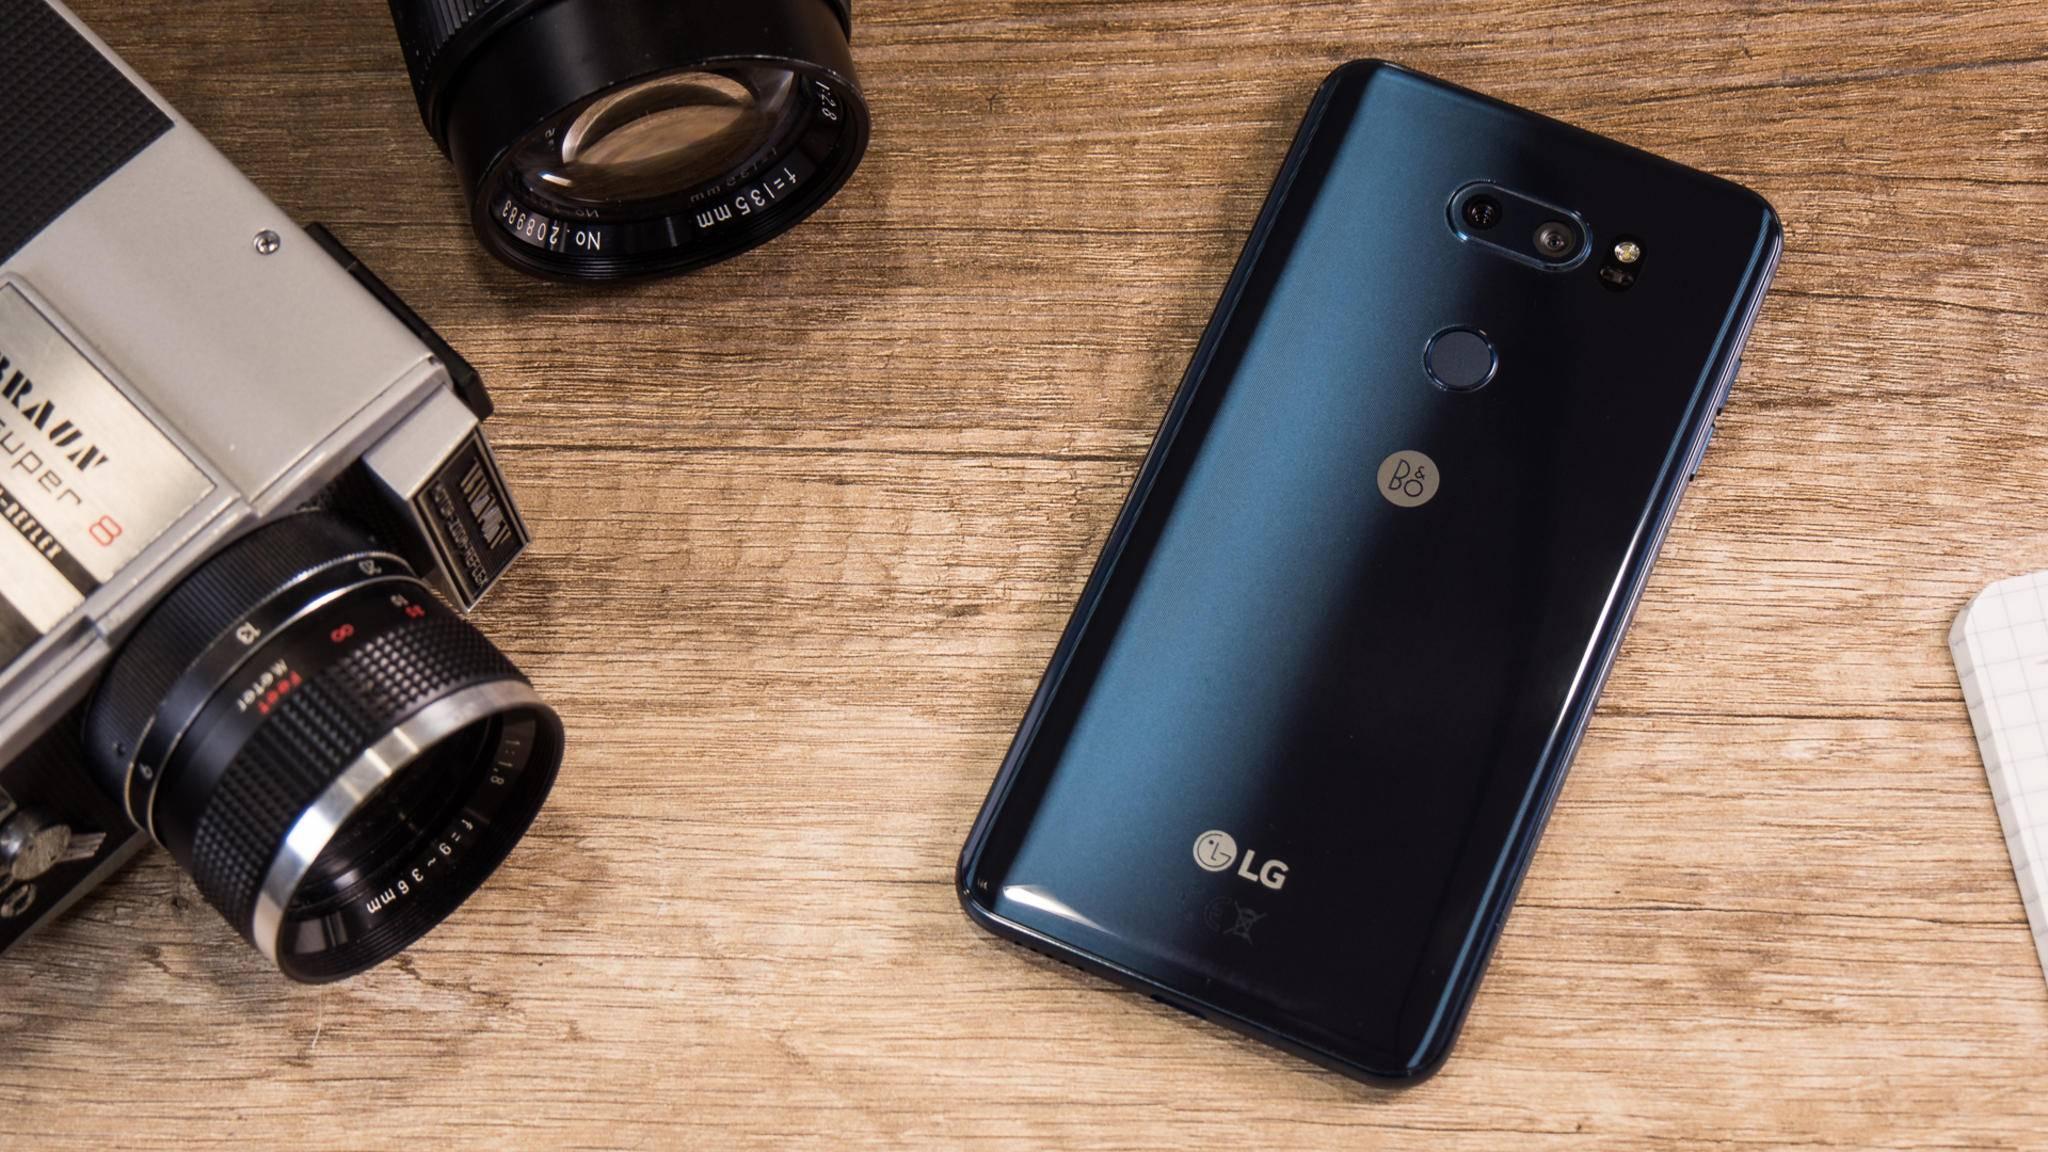 Das LG V30 ist aus Metall und Glas gefertigt.